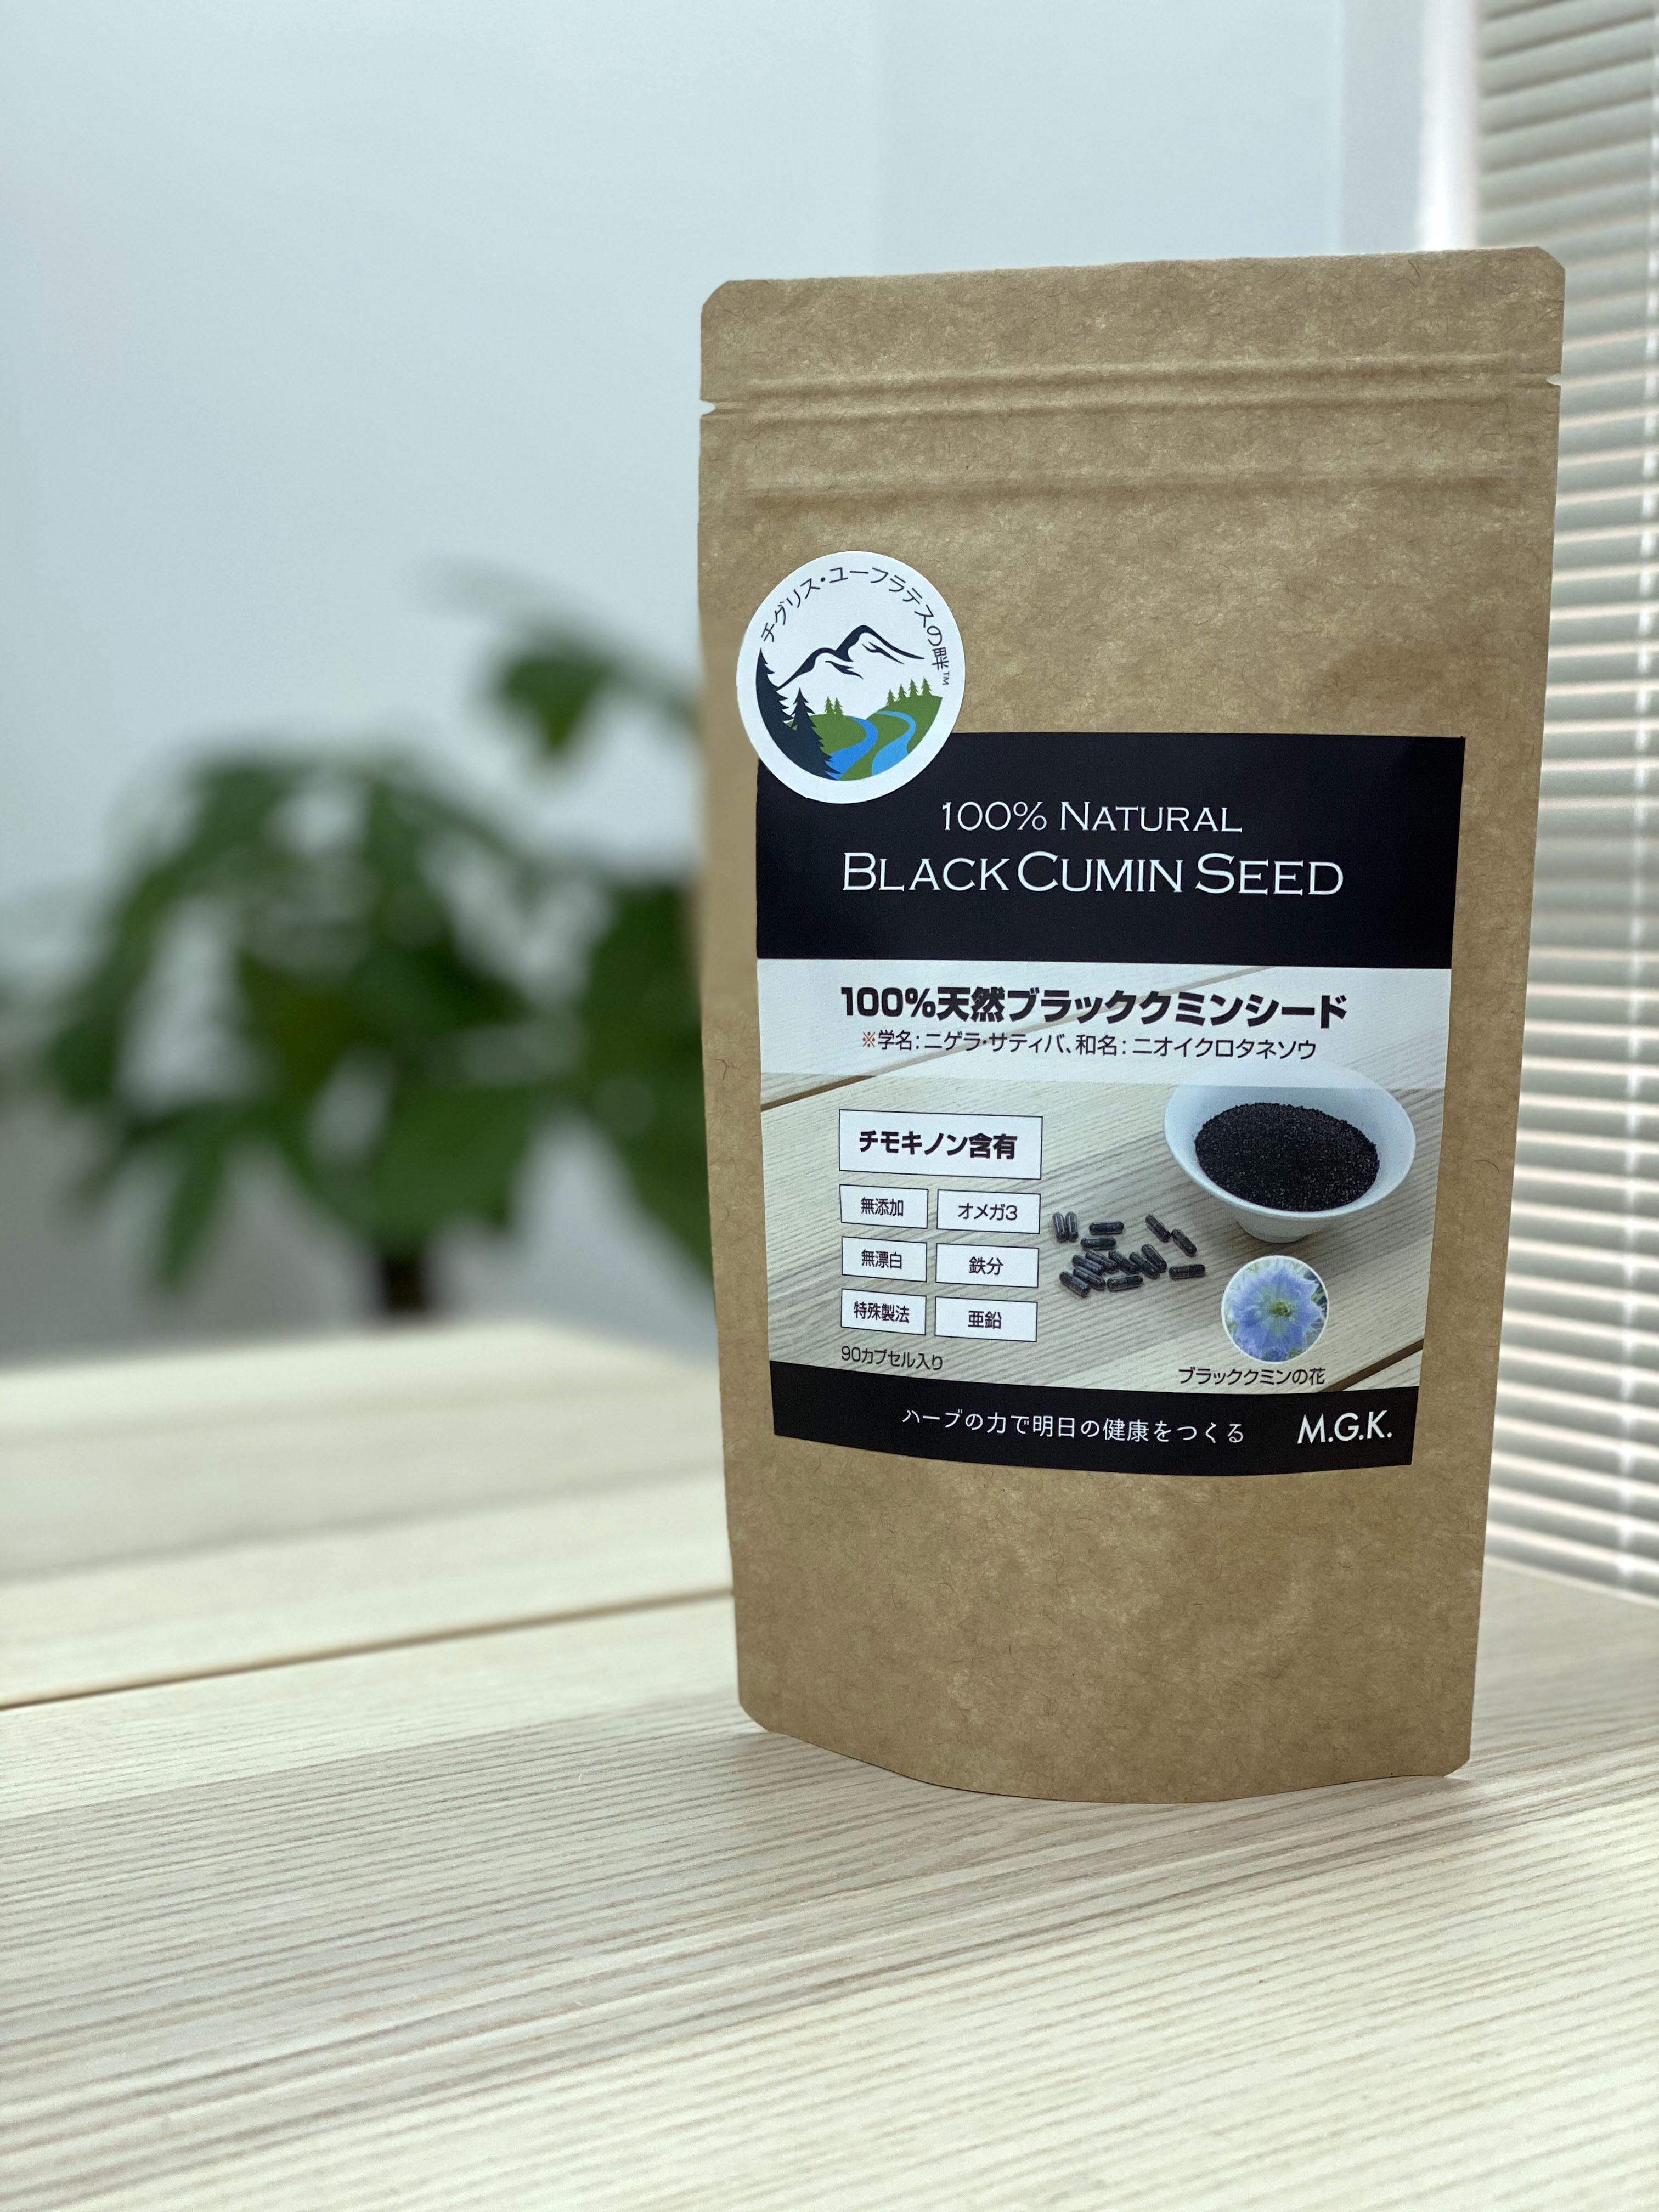 MGK 100%ブラック クミン シード パウダー(カプセル)90粒